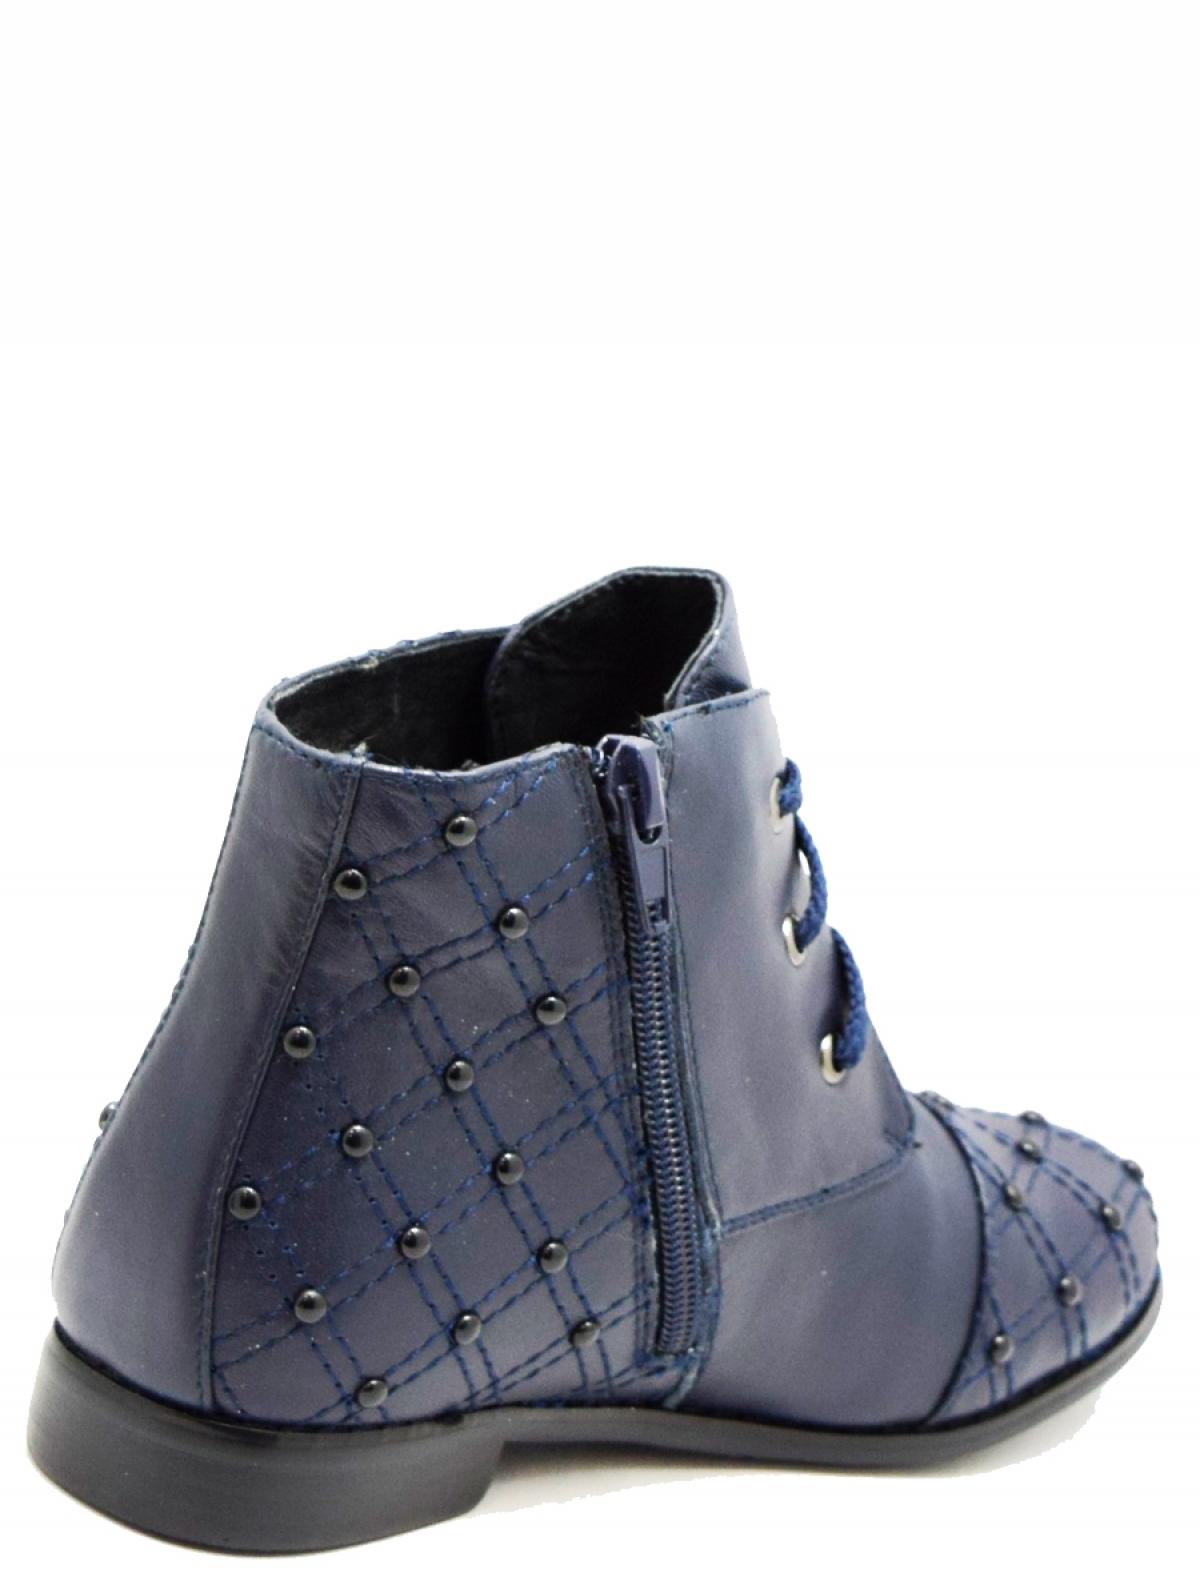 05-C21-3DL-BC ботинки для девочки